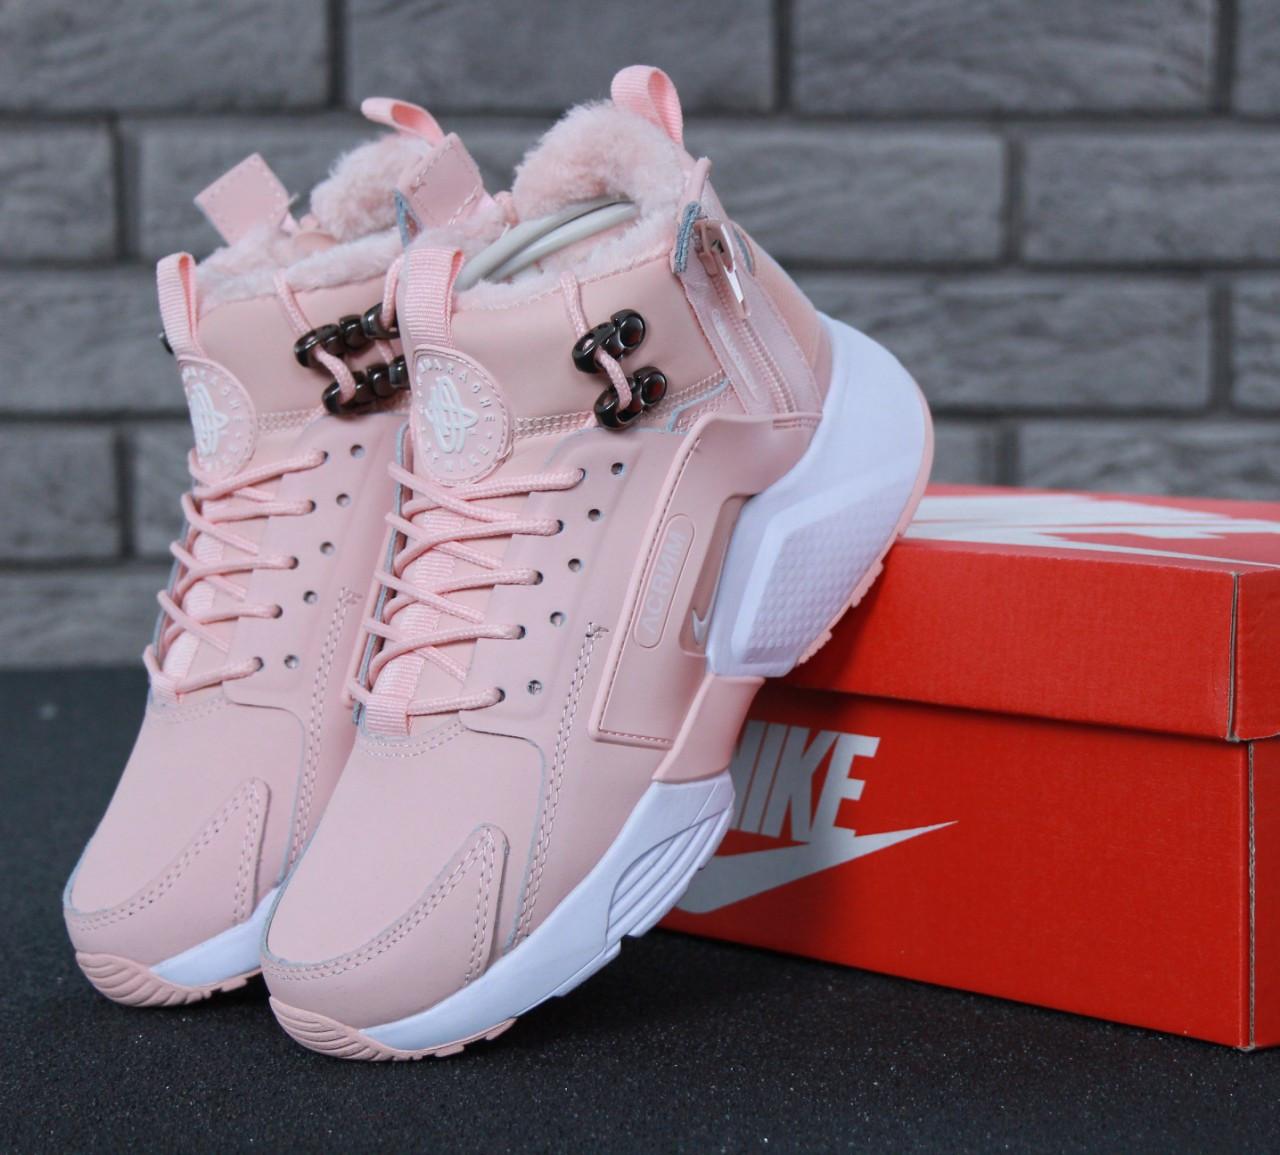 Зимние кроссовки Nike Huarache X Acronym City Winter Pink с мехом, женские кроссовки. ТОП Реплика ААА класса.